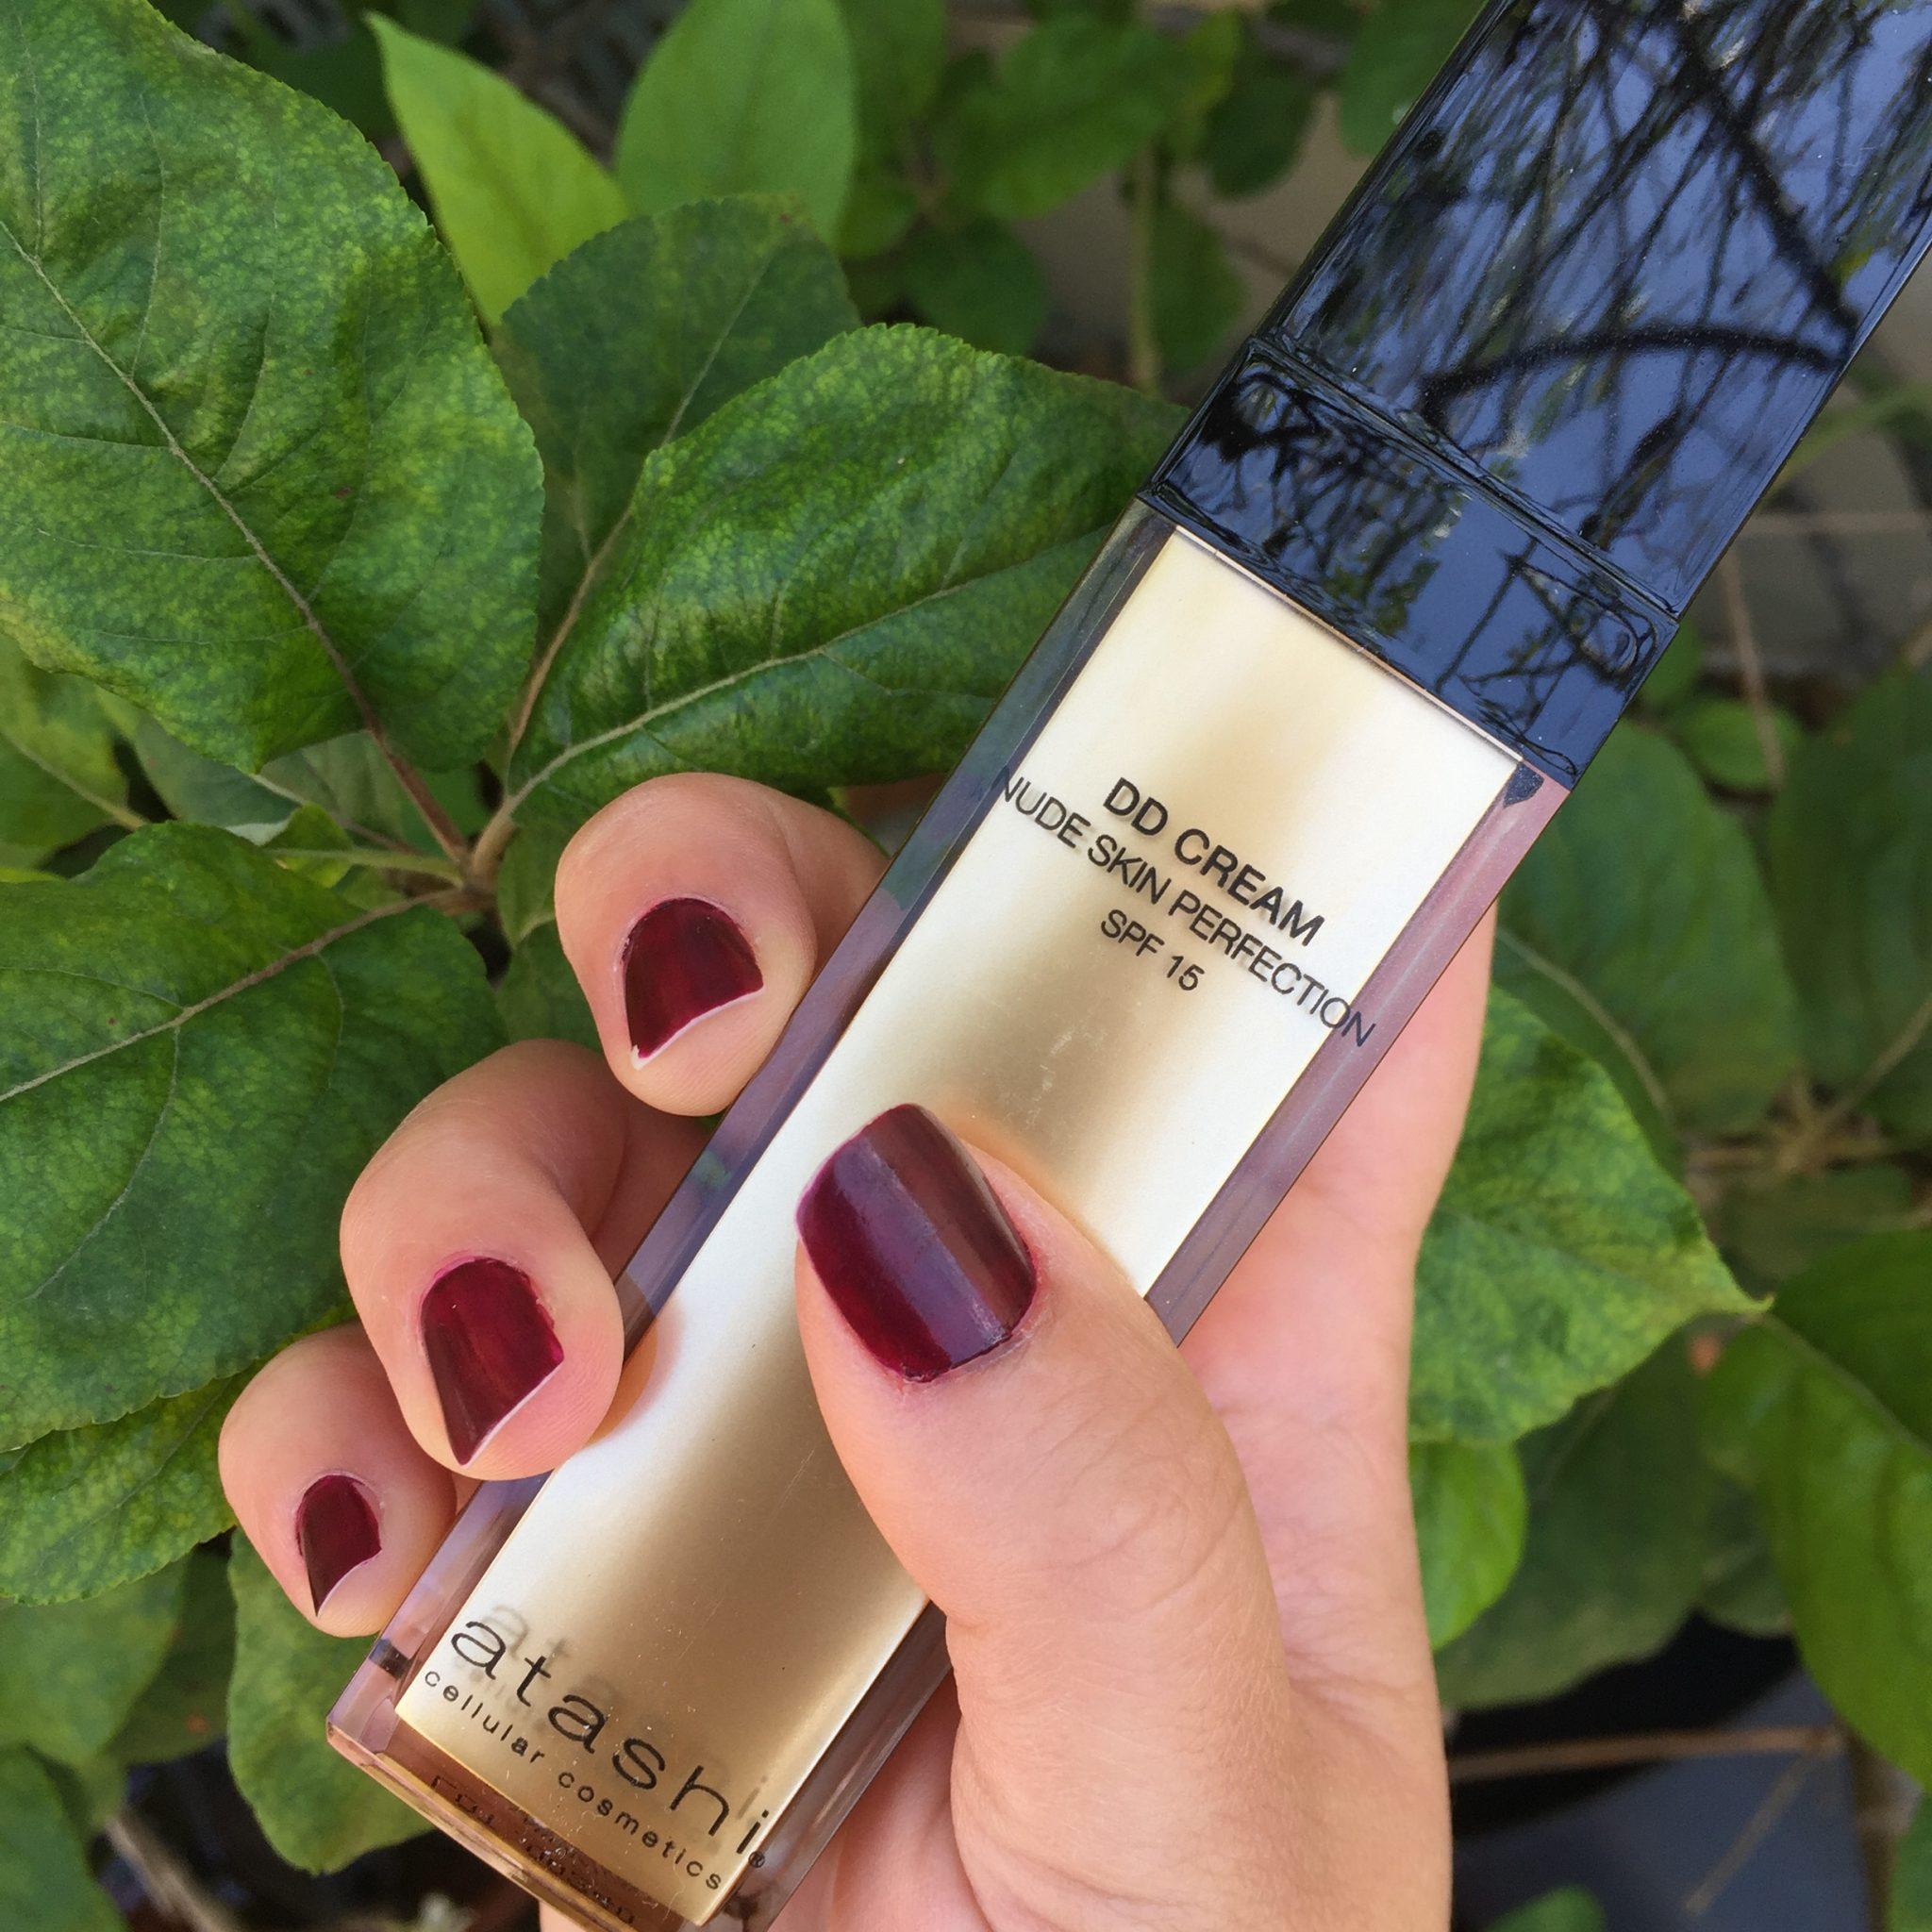 Probamos DD Cream nude skin perfection SPF 15 de Atashi